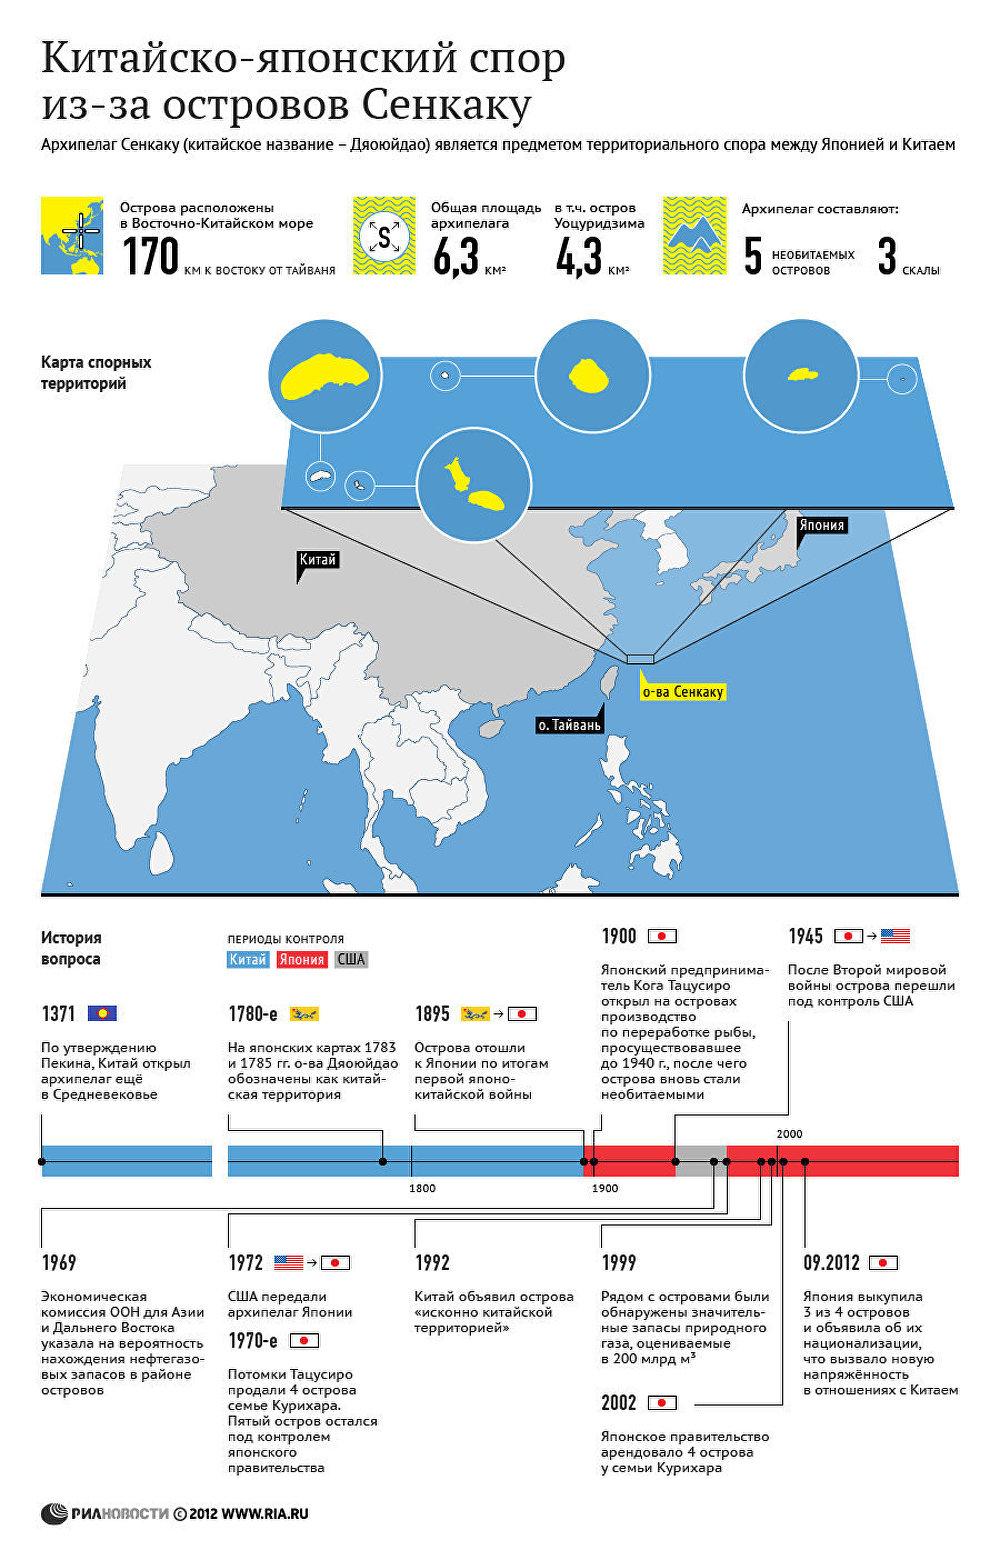 Китайско-японский спор из-за островов Сенкаку